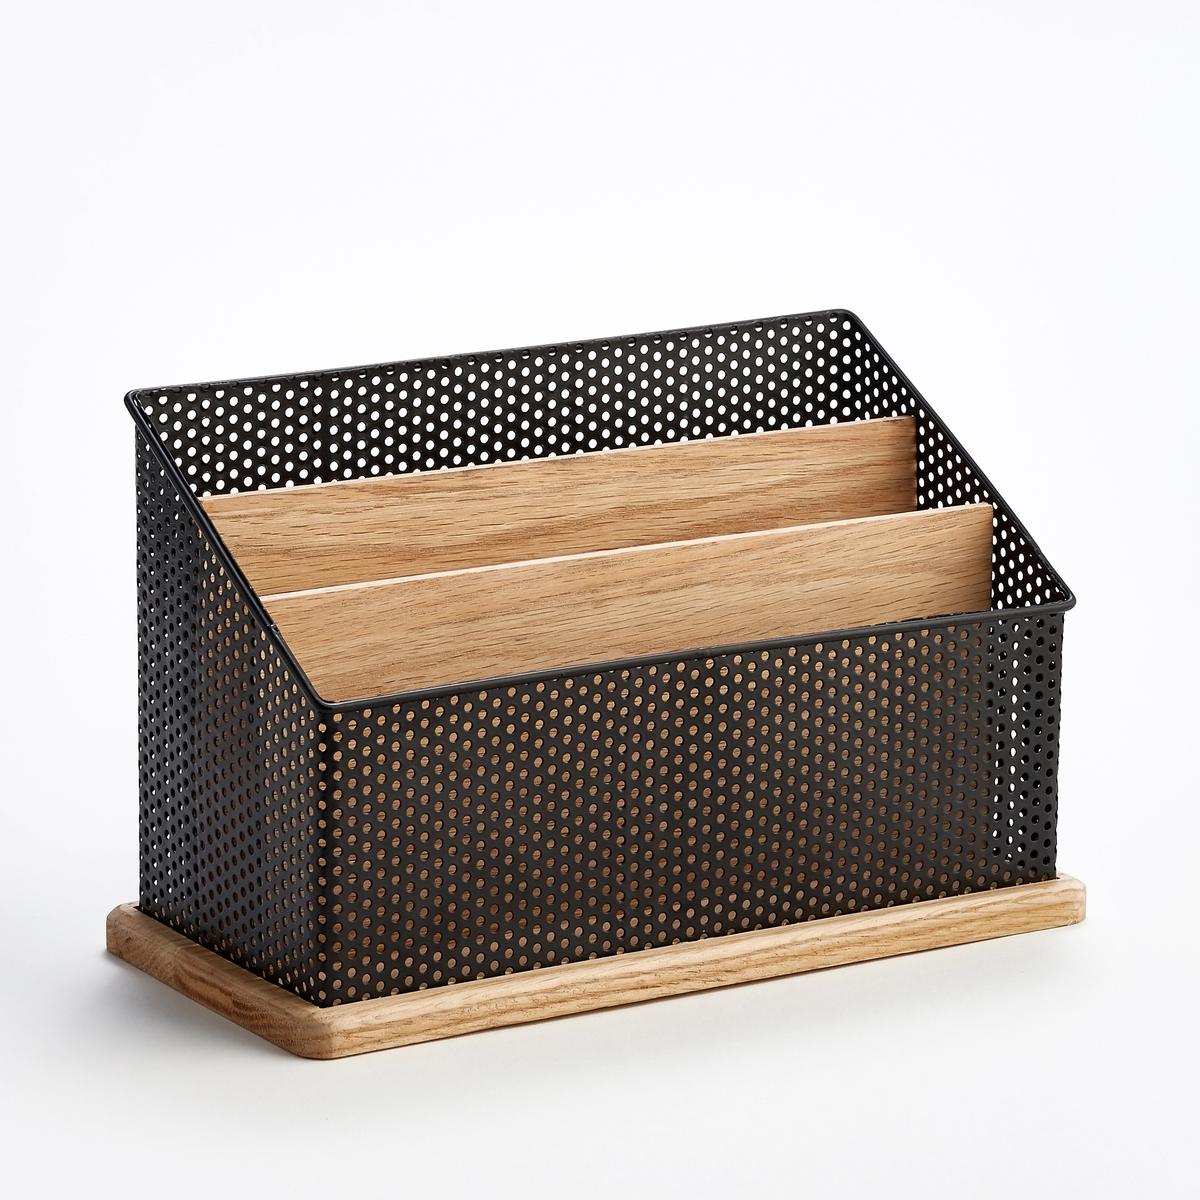 Подставка вертикальная для писем, OrdonatoПодставка для писем Ordonato. Элегантное сочетание неокрашенного дуба и черного металла, эта подставка отлично подойдет на письменном столе для сортировки почты.Характеристики :- Основание и стенки из дуба - Корзина из ажурного металла Размеры  :- Ш.30 x В.19 x Г.14 смВсю коллекцию Ordonato для хранения вещей на письменном столе вы можете найти на сайте sur ampm.ru<br><br>Цвет: металл черный/дуб